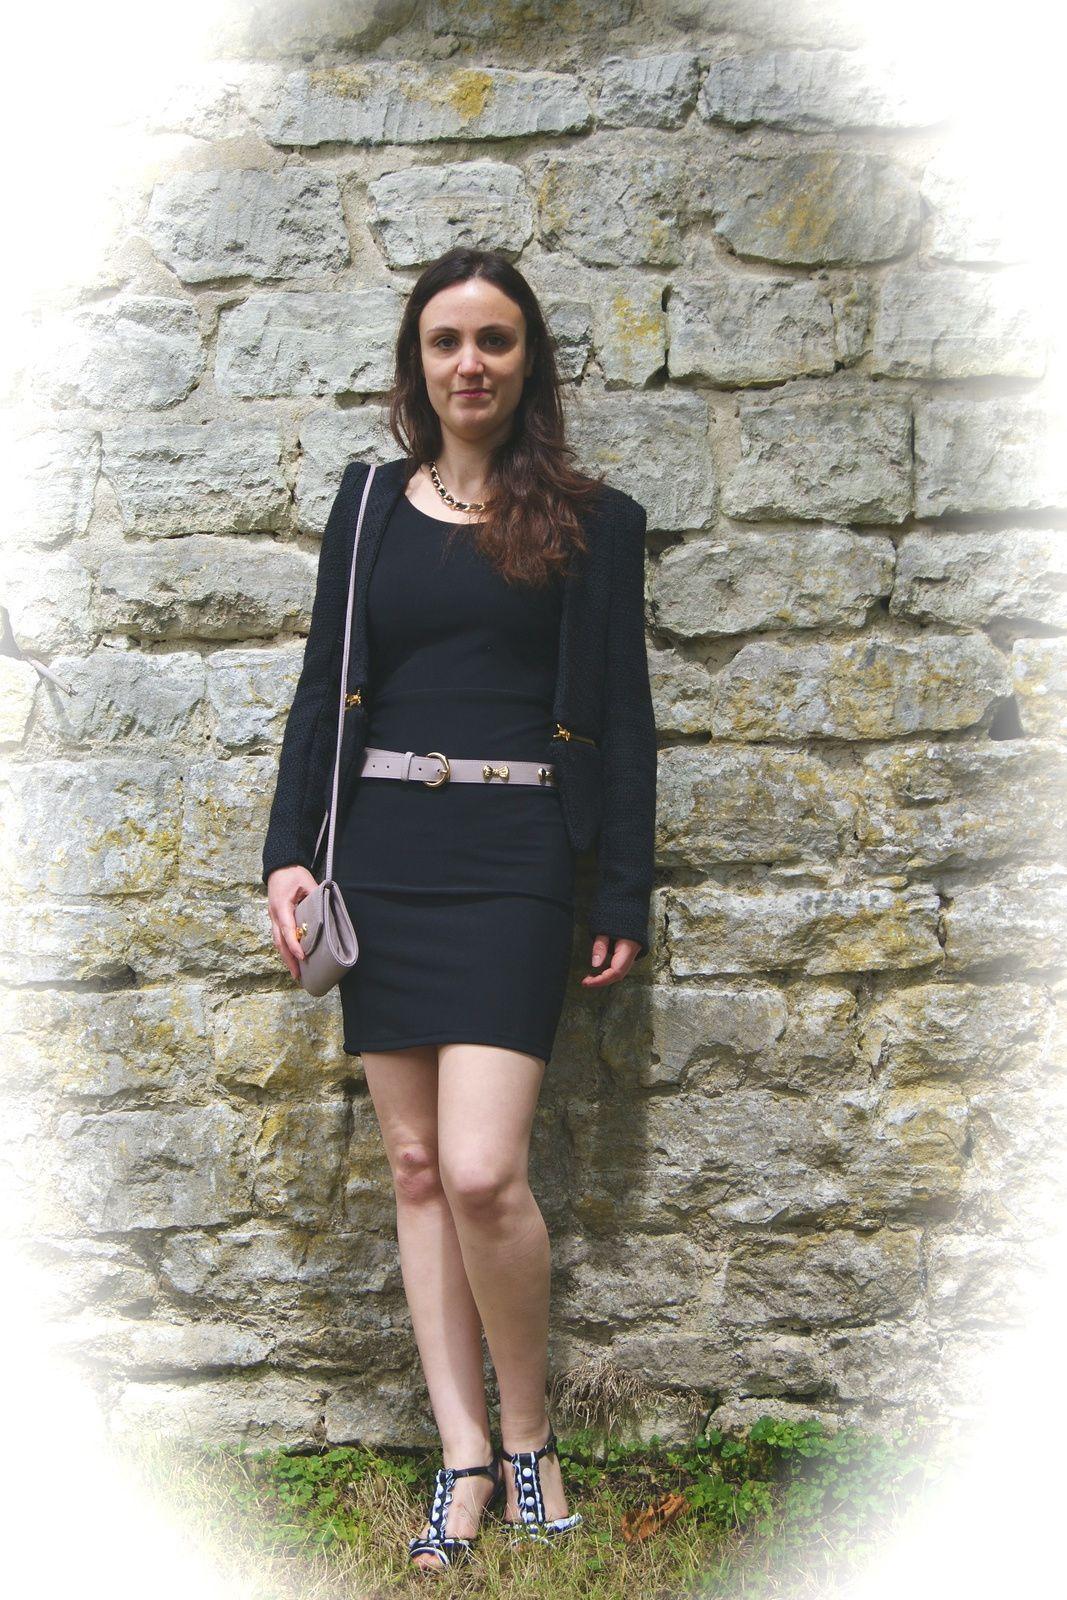 La petite robe noire et ses accessoires